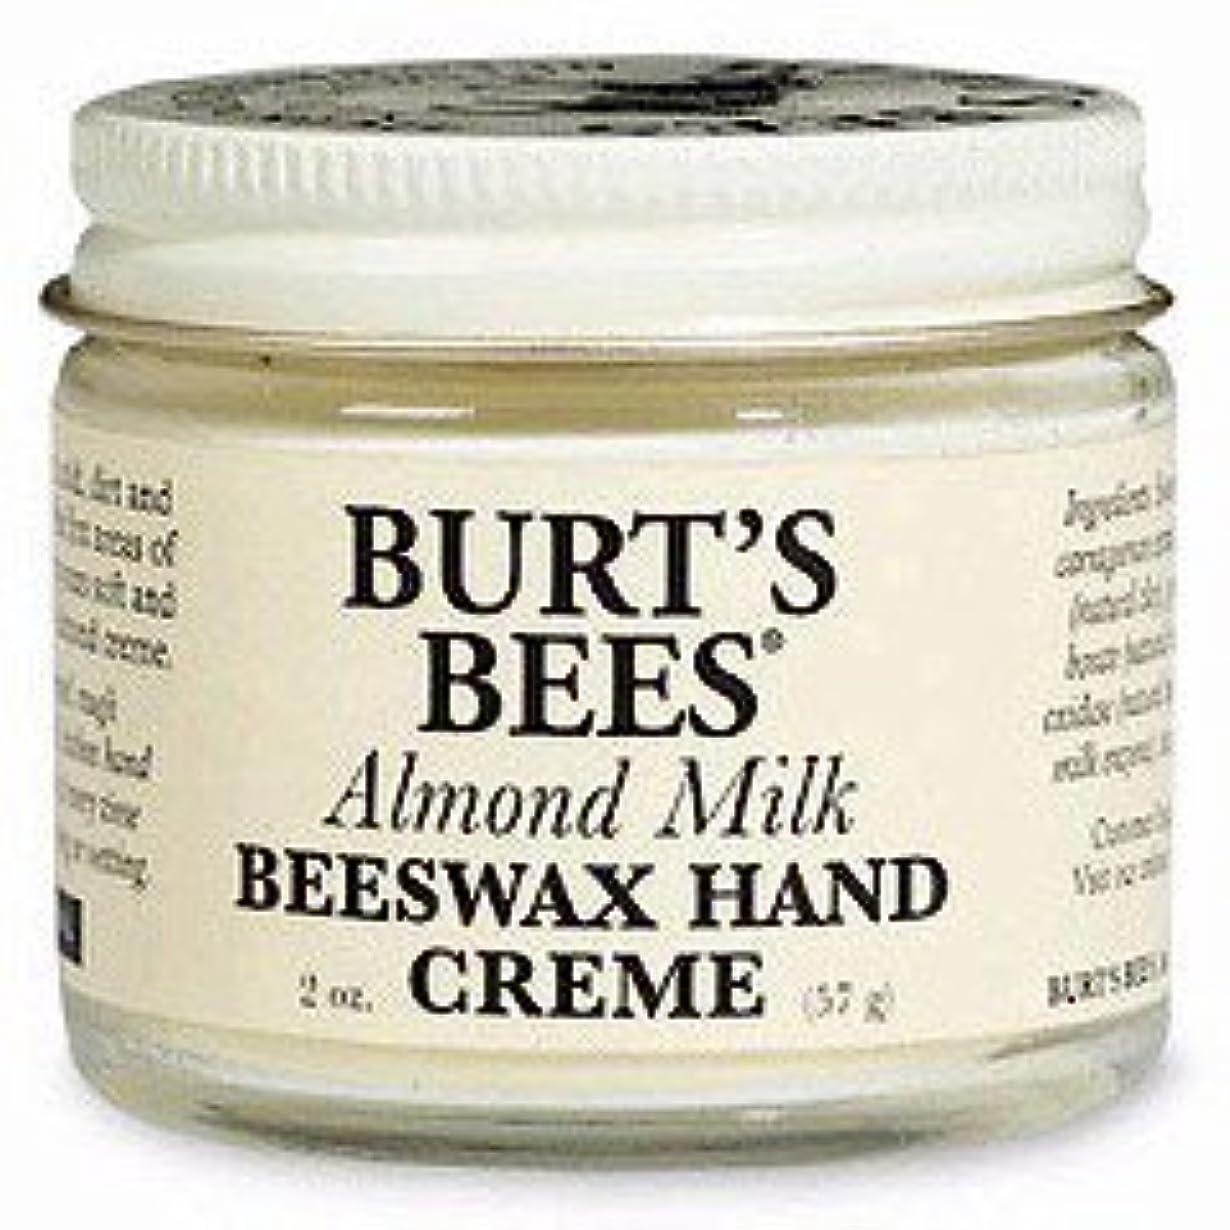 ドライバ危険を冒します事バーツビーズ(Burt's Bees) アーモンドミルク?ビーズワックス?ハンドクリーム 57g [海外直送品][並行輸入品]